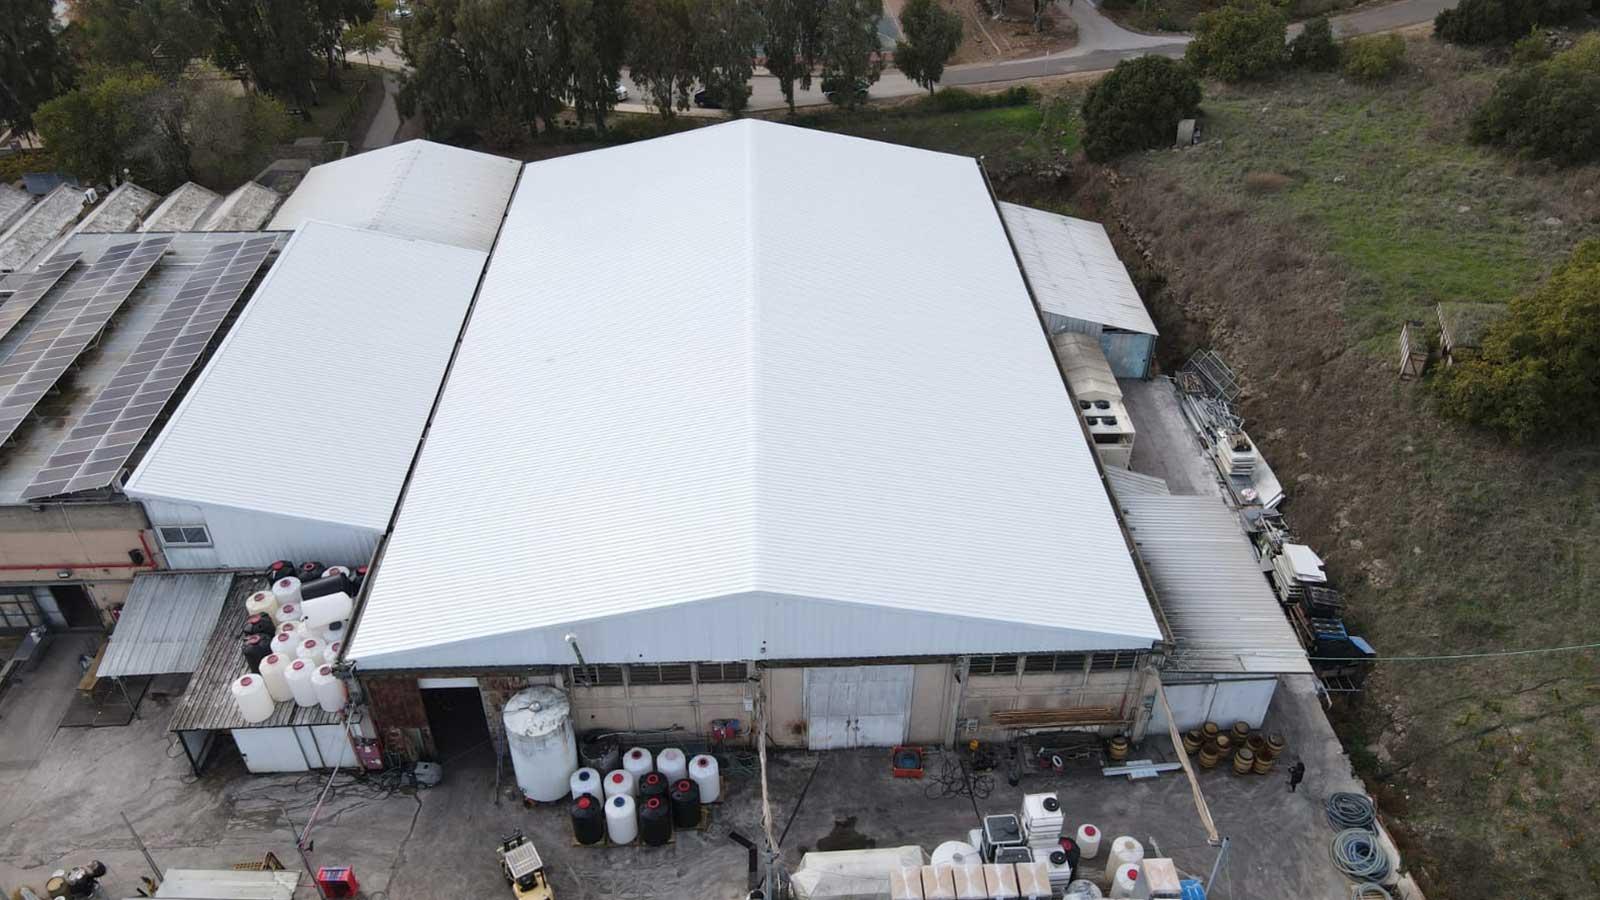 קיבוץ עין זיון מתחם עסקים החלפת גגות אסבסט לפאנל מבודד 3000 מר